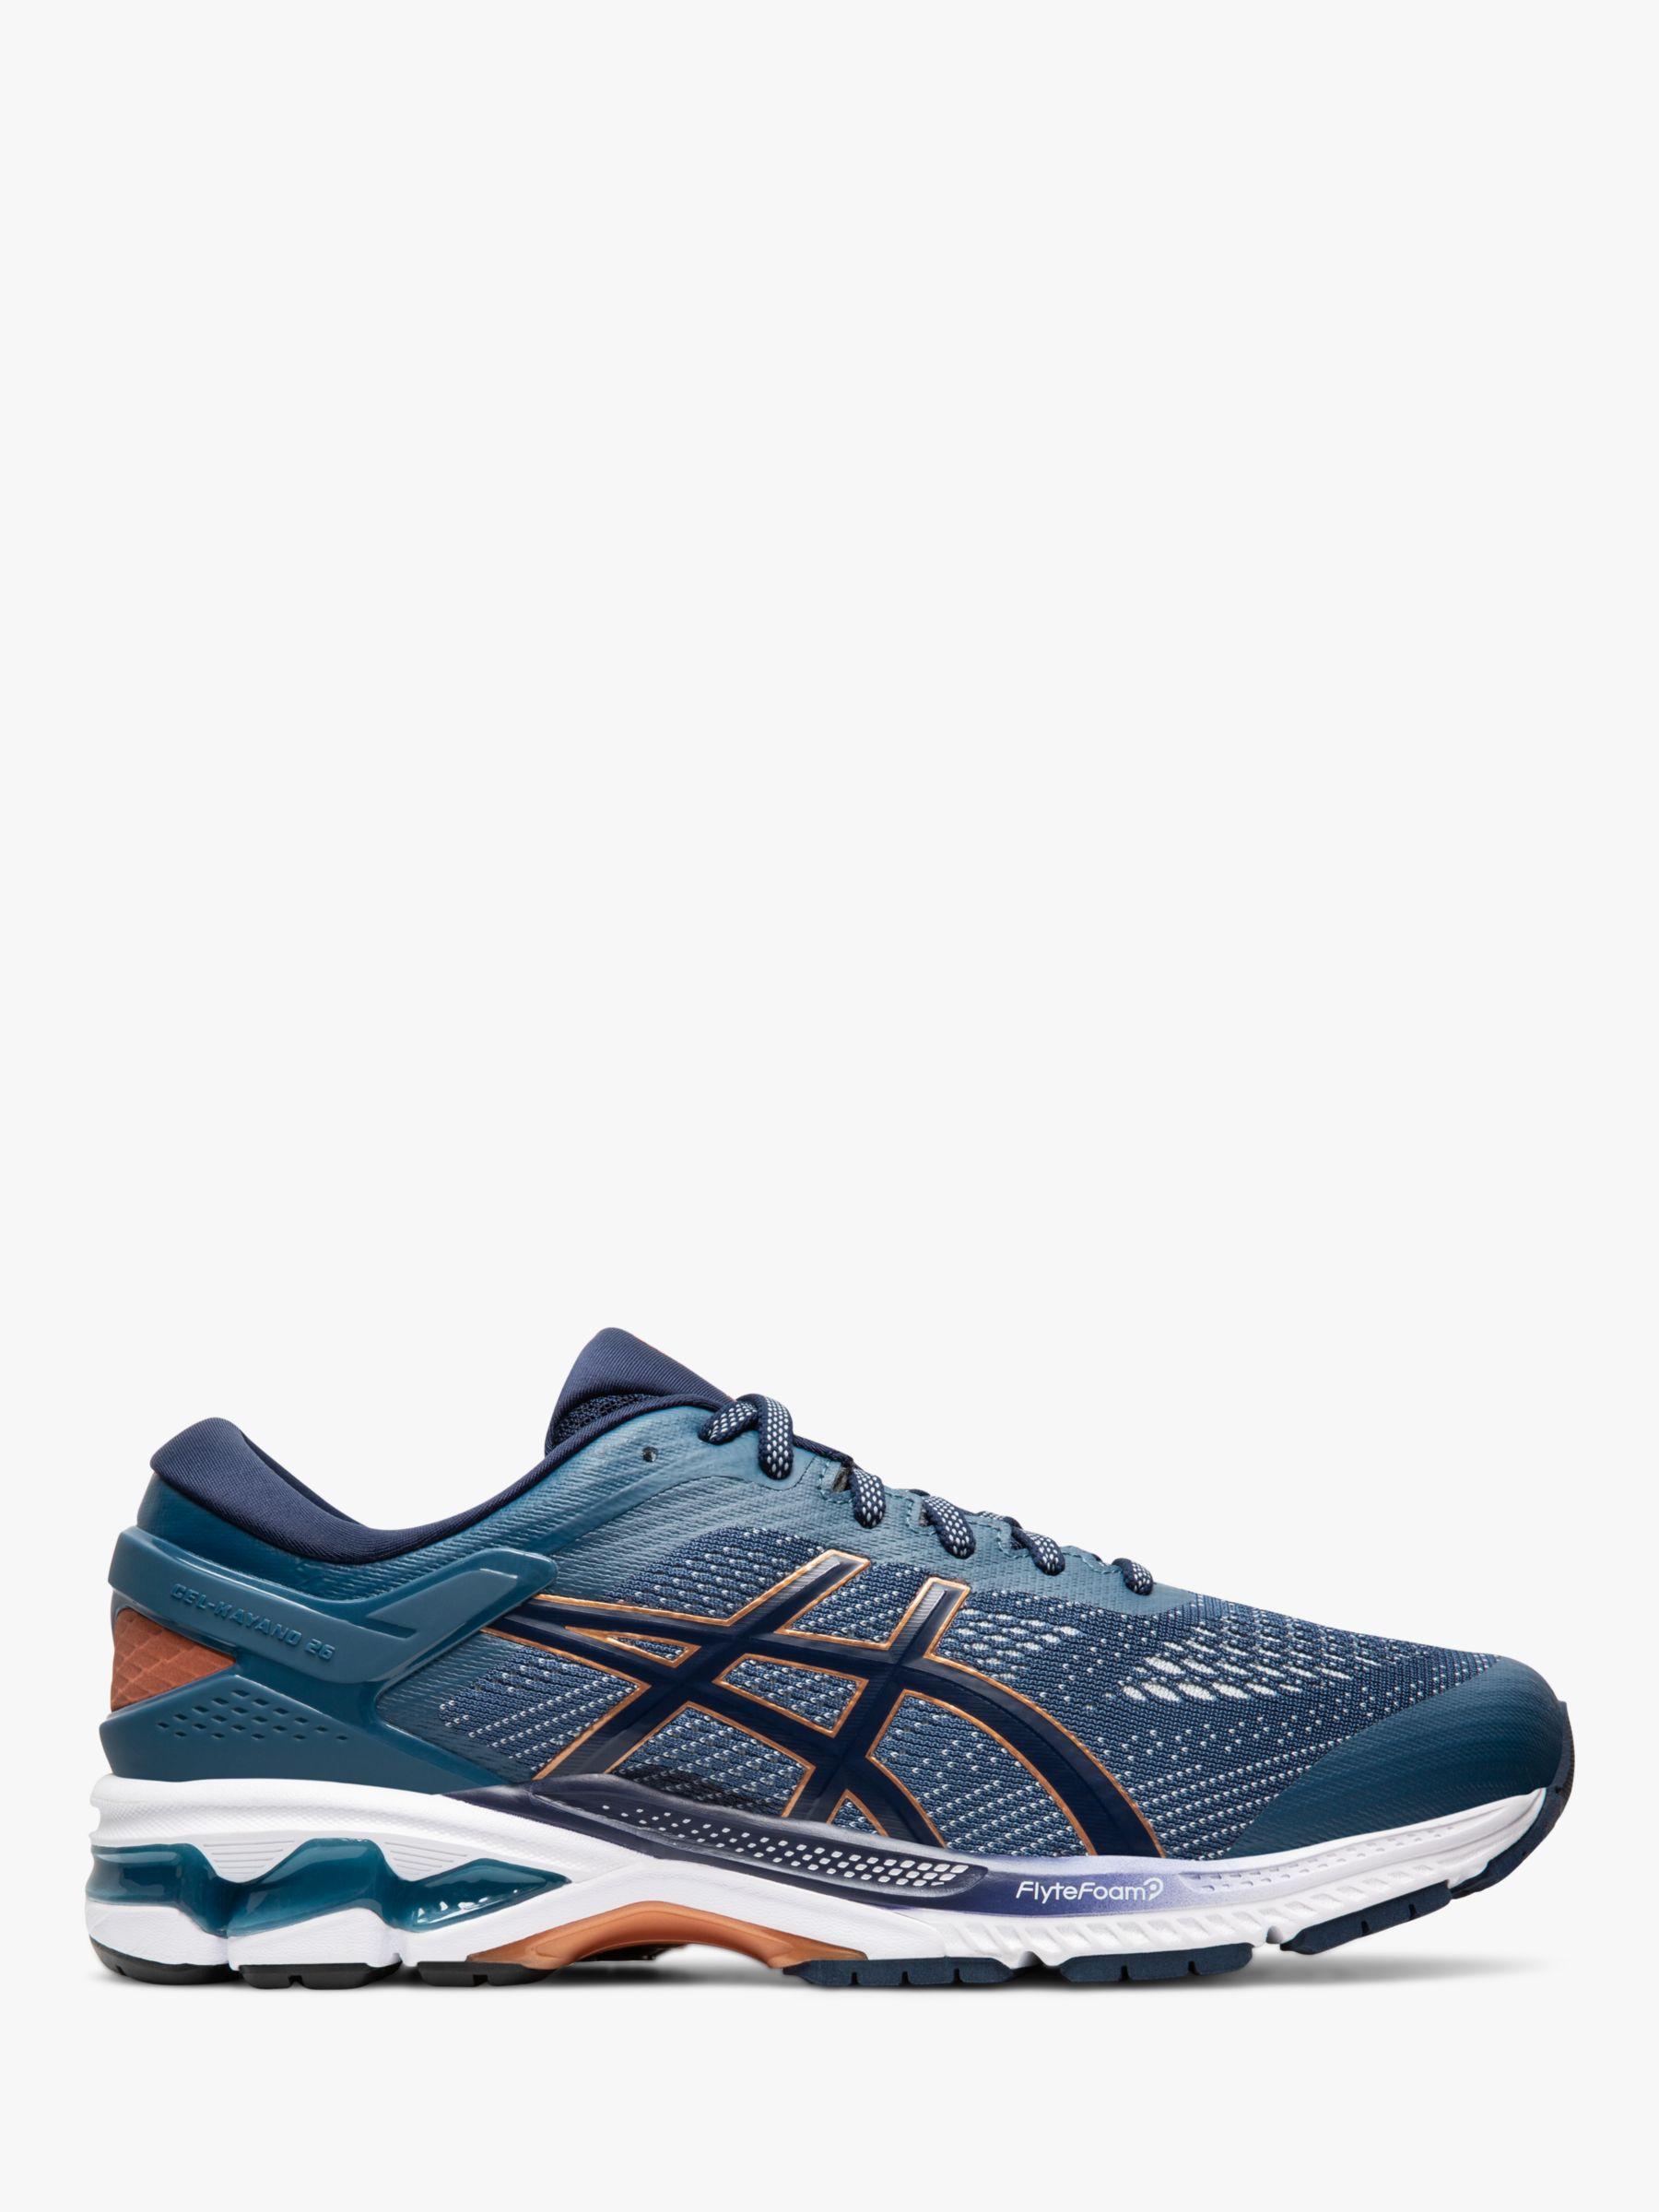 ASICS ASICS GEL-KAYANO 26 Men's Running Shoes